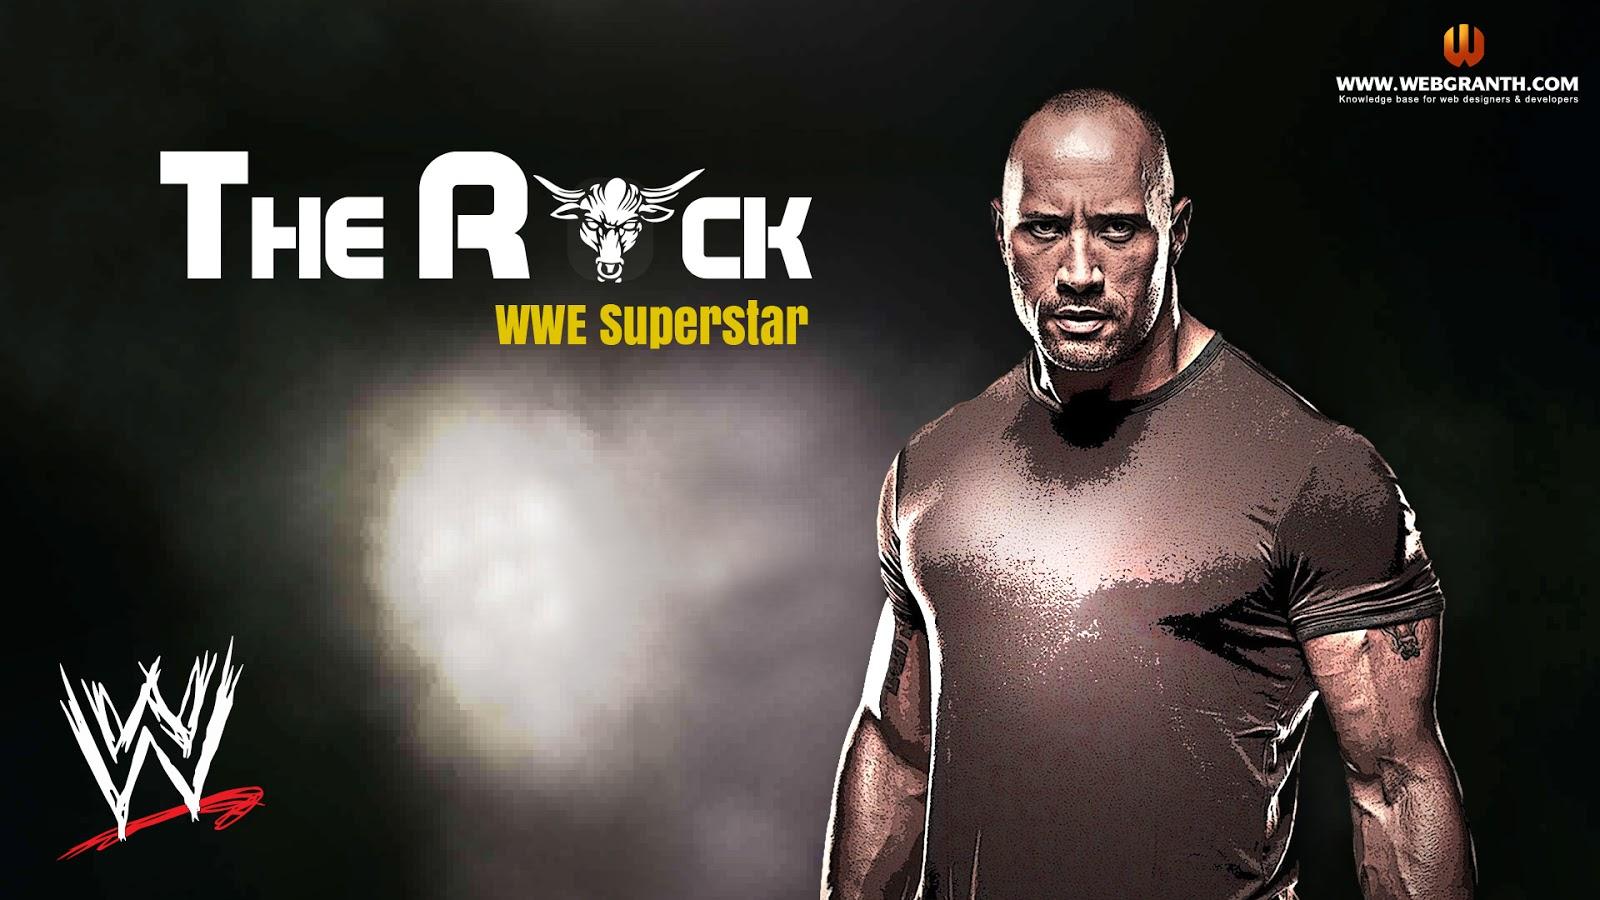 Biggest body builders rock wallpaper - Rock wallpaper ...